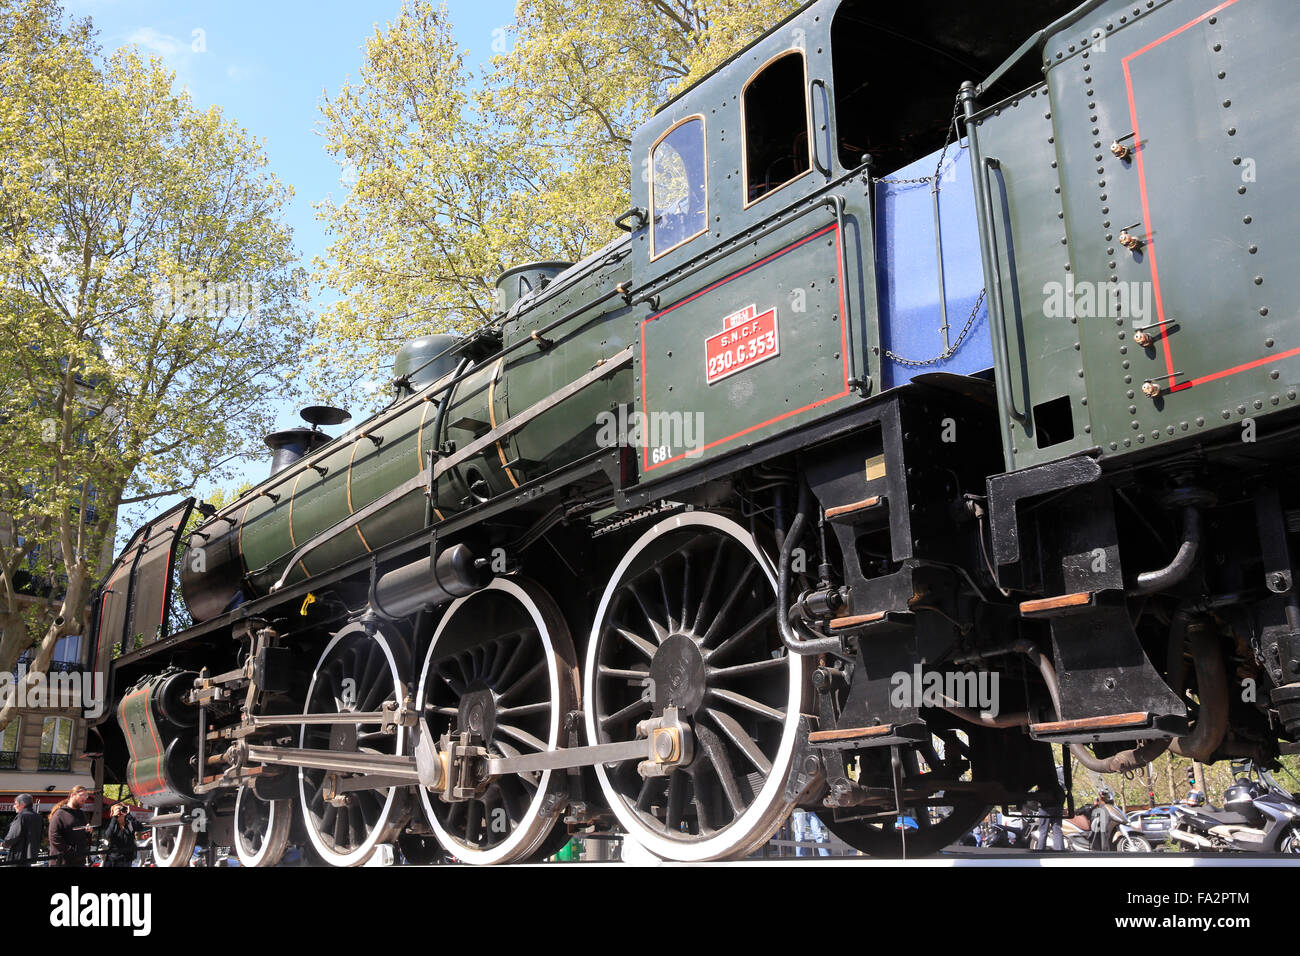 Steam locomotive. Exhibition: ' Il Žtait une fois l'Orient Express' 'Once upon a time the Orient - Stock Image